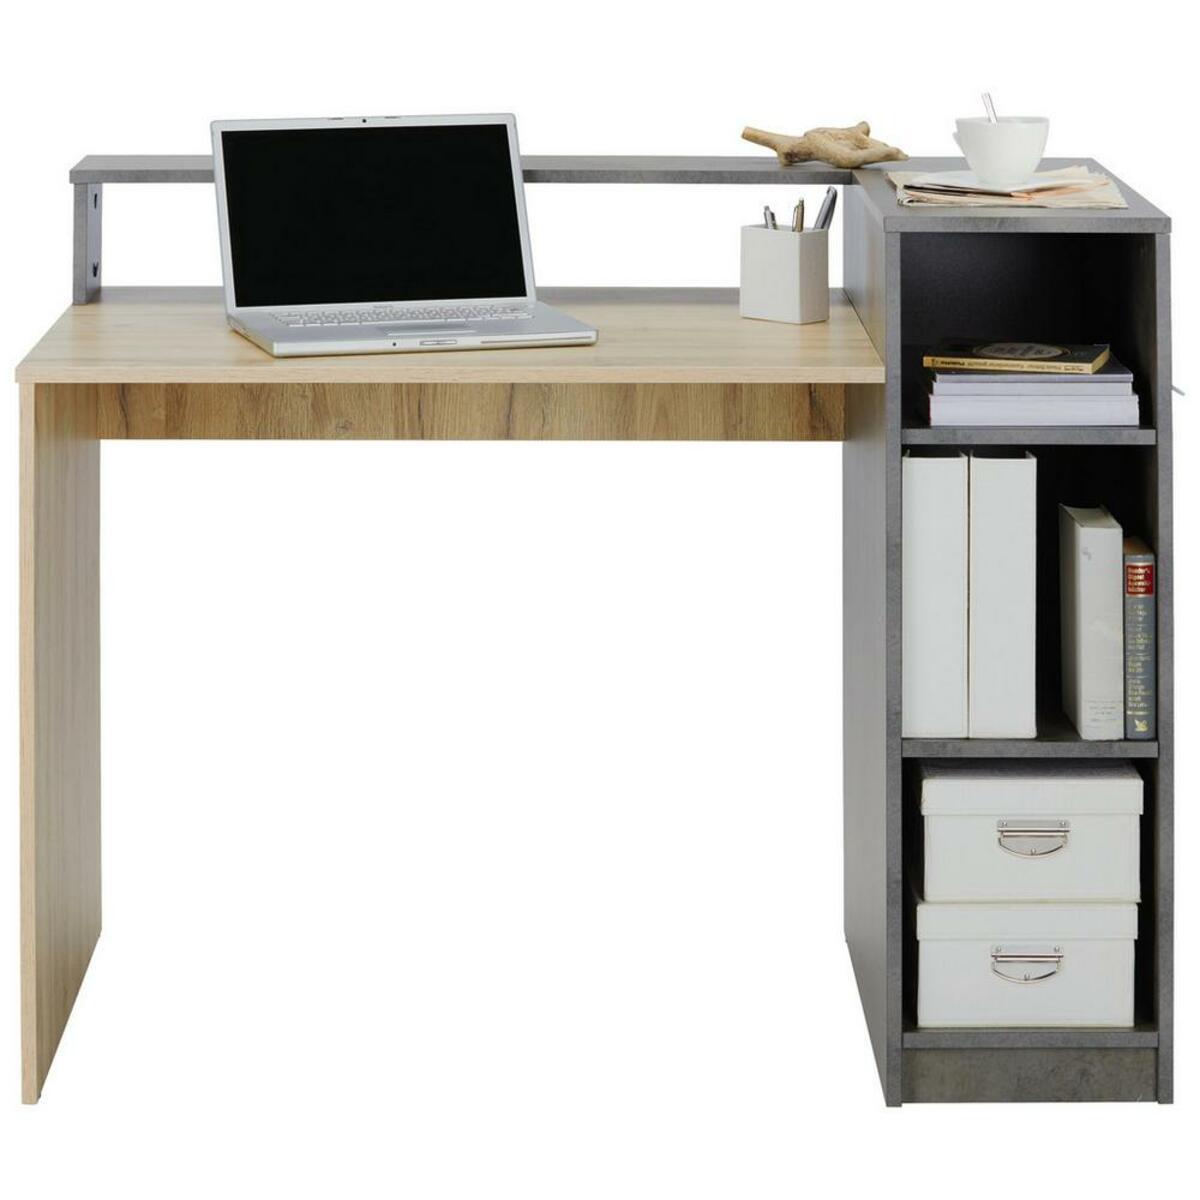 Bild 1 von Schreibtisch Grau/Eichefarben